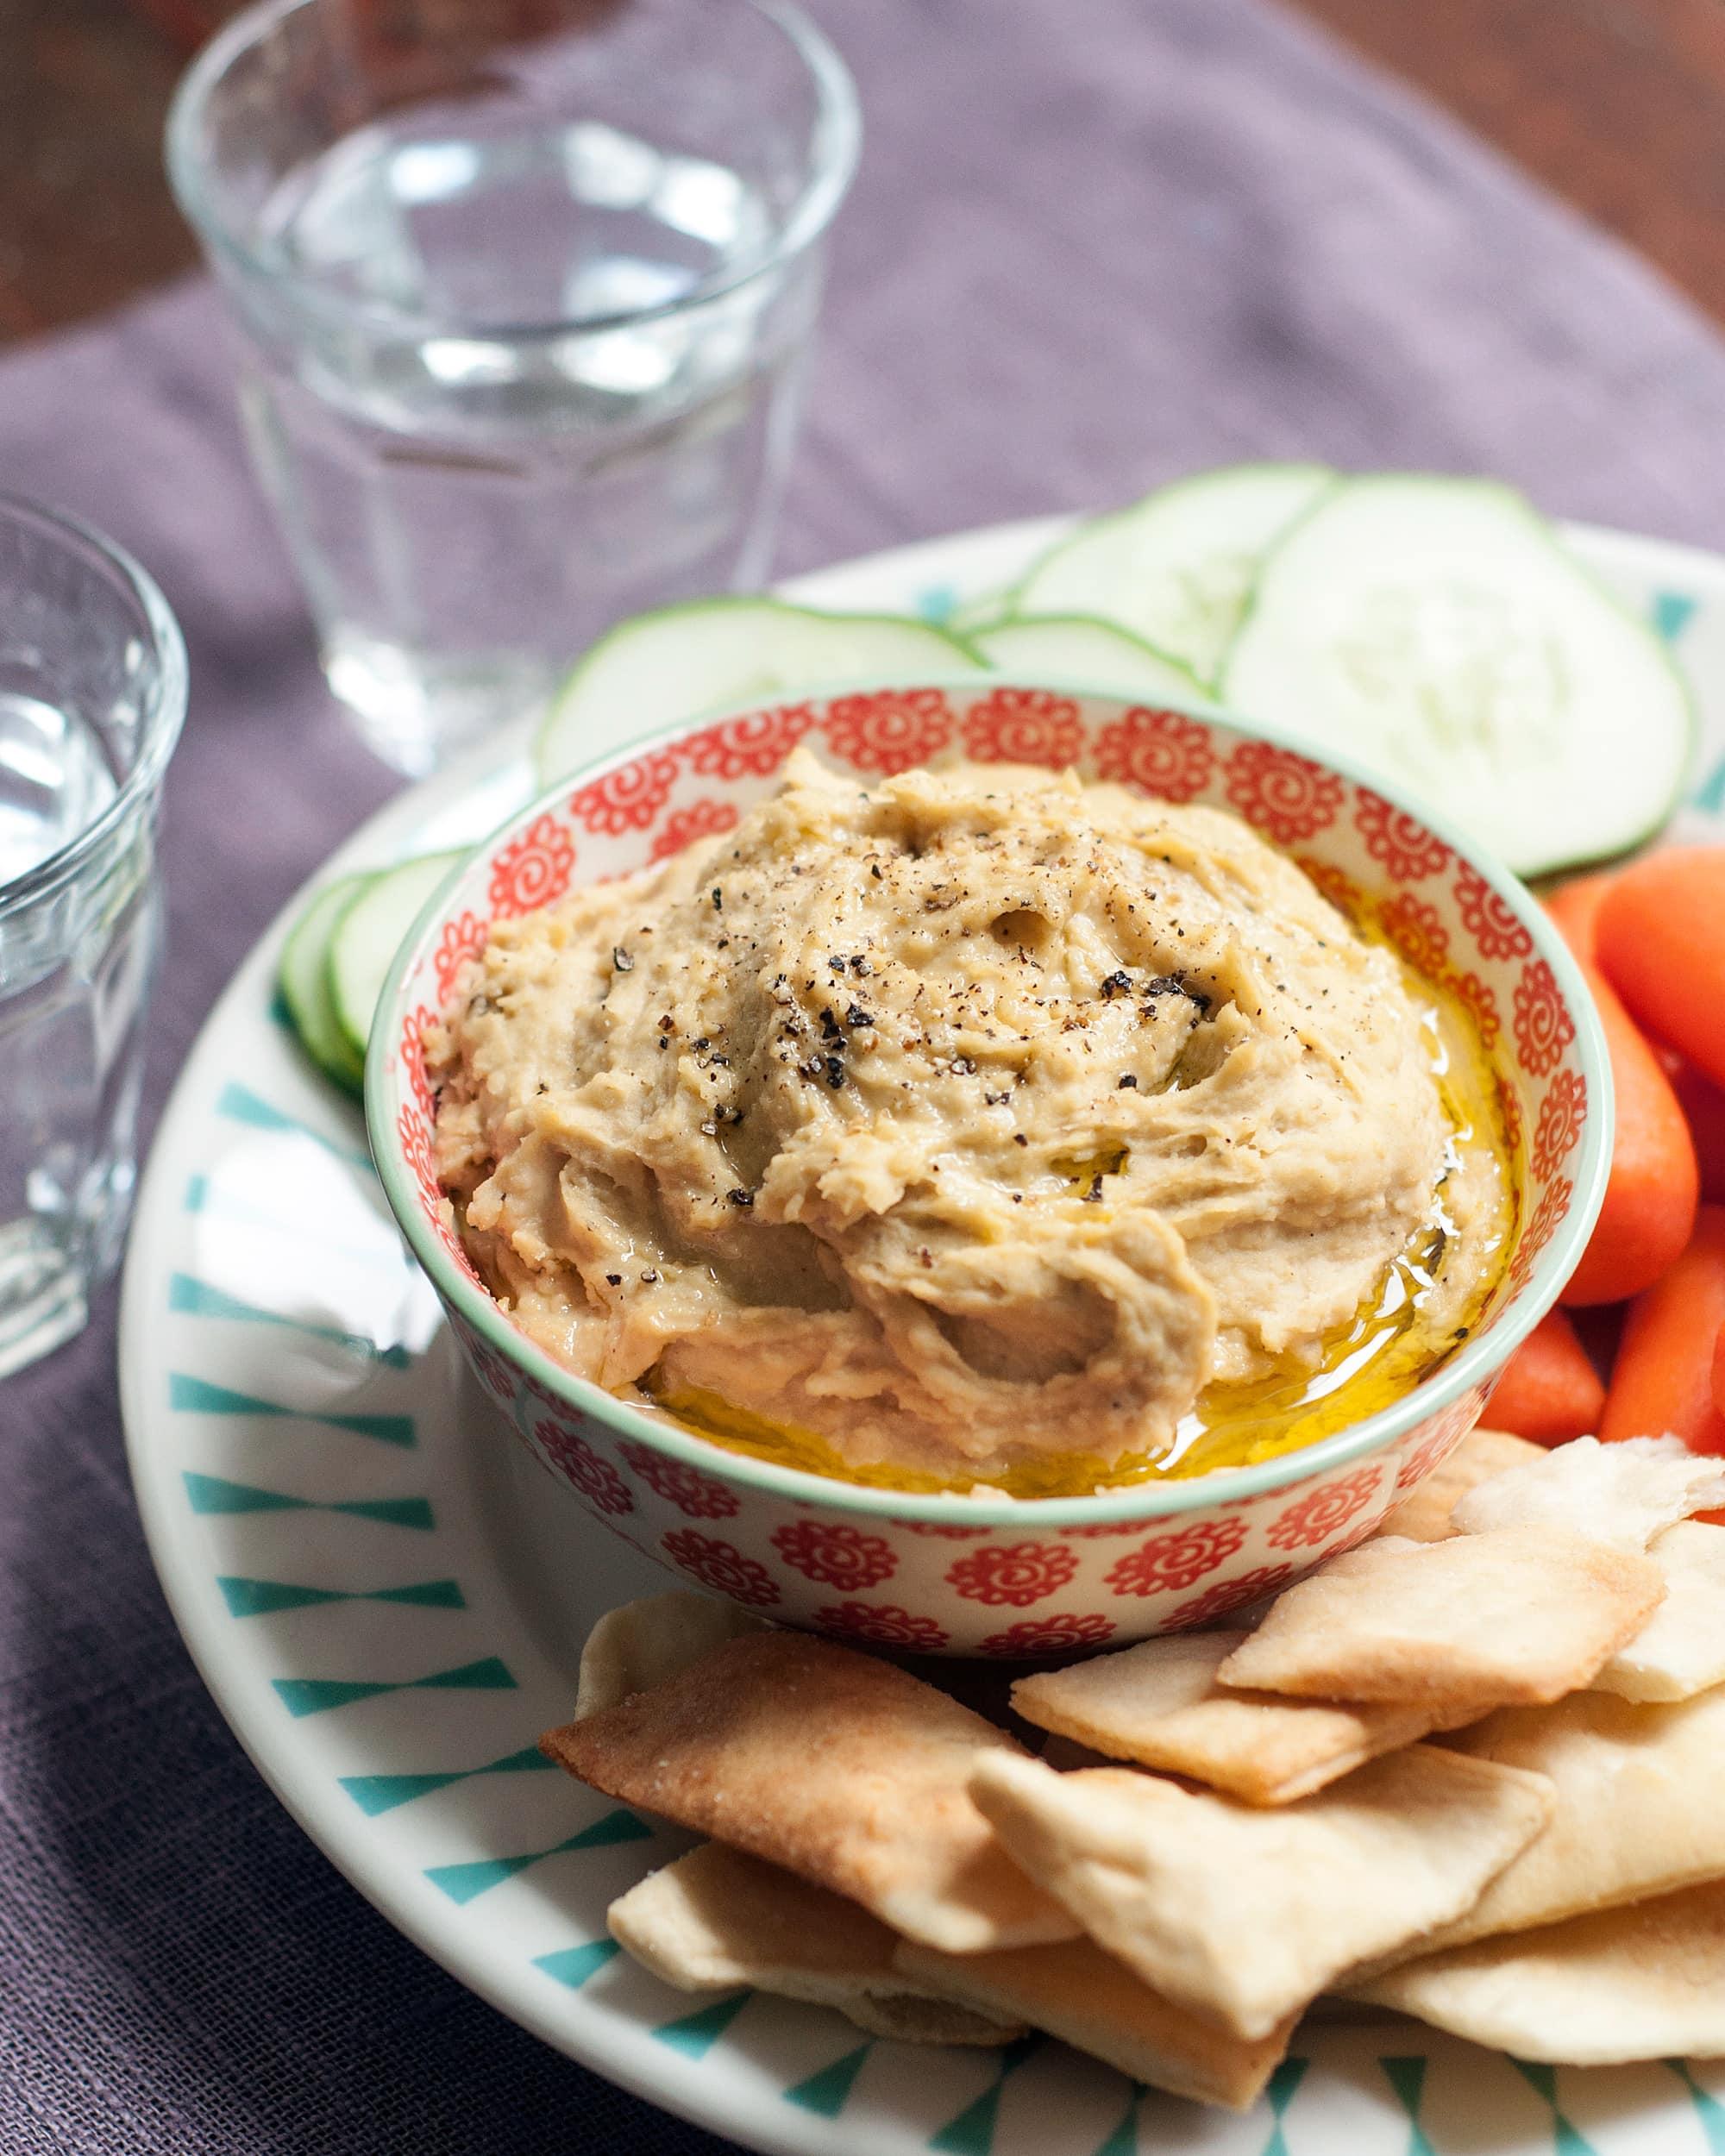 How To Make Hummus